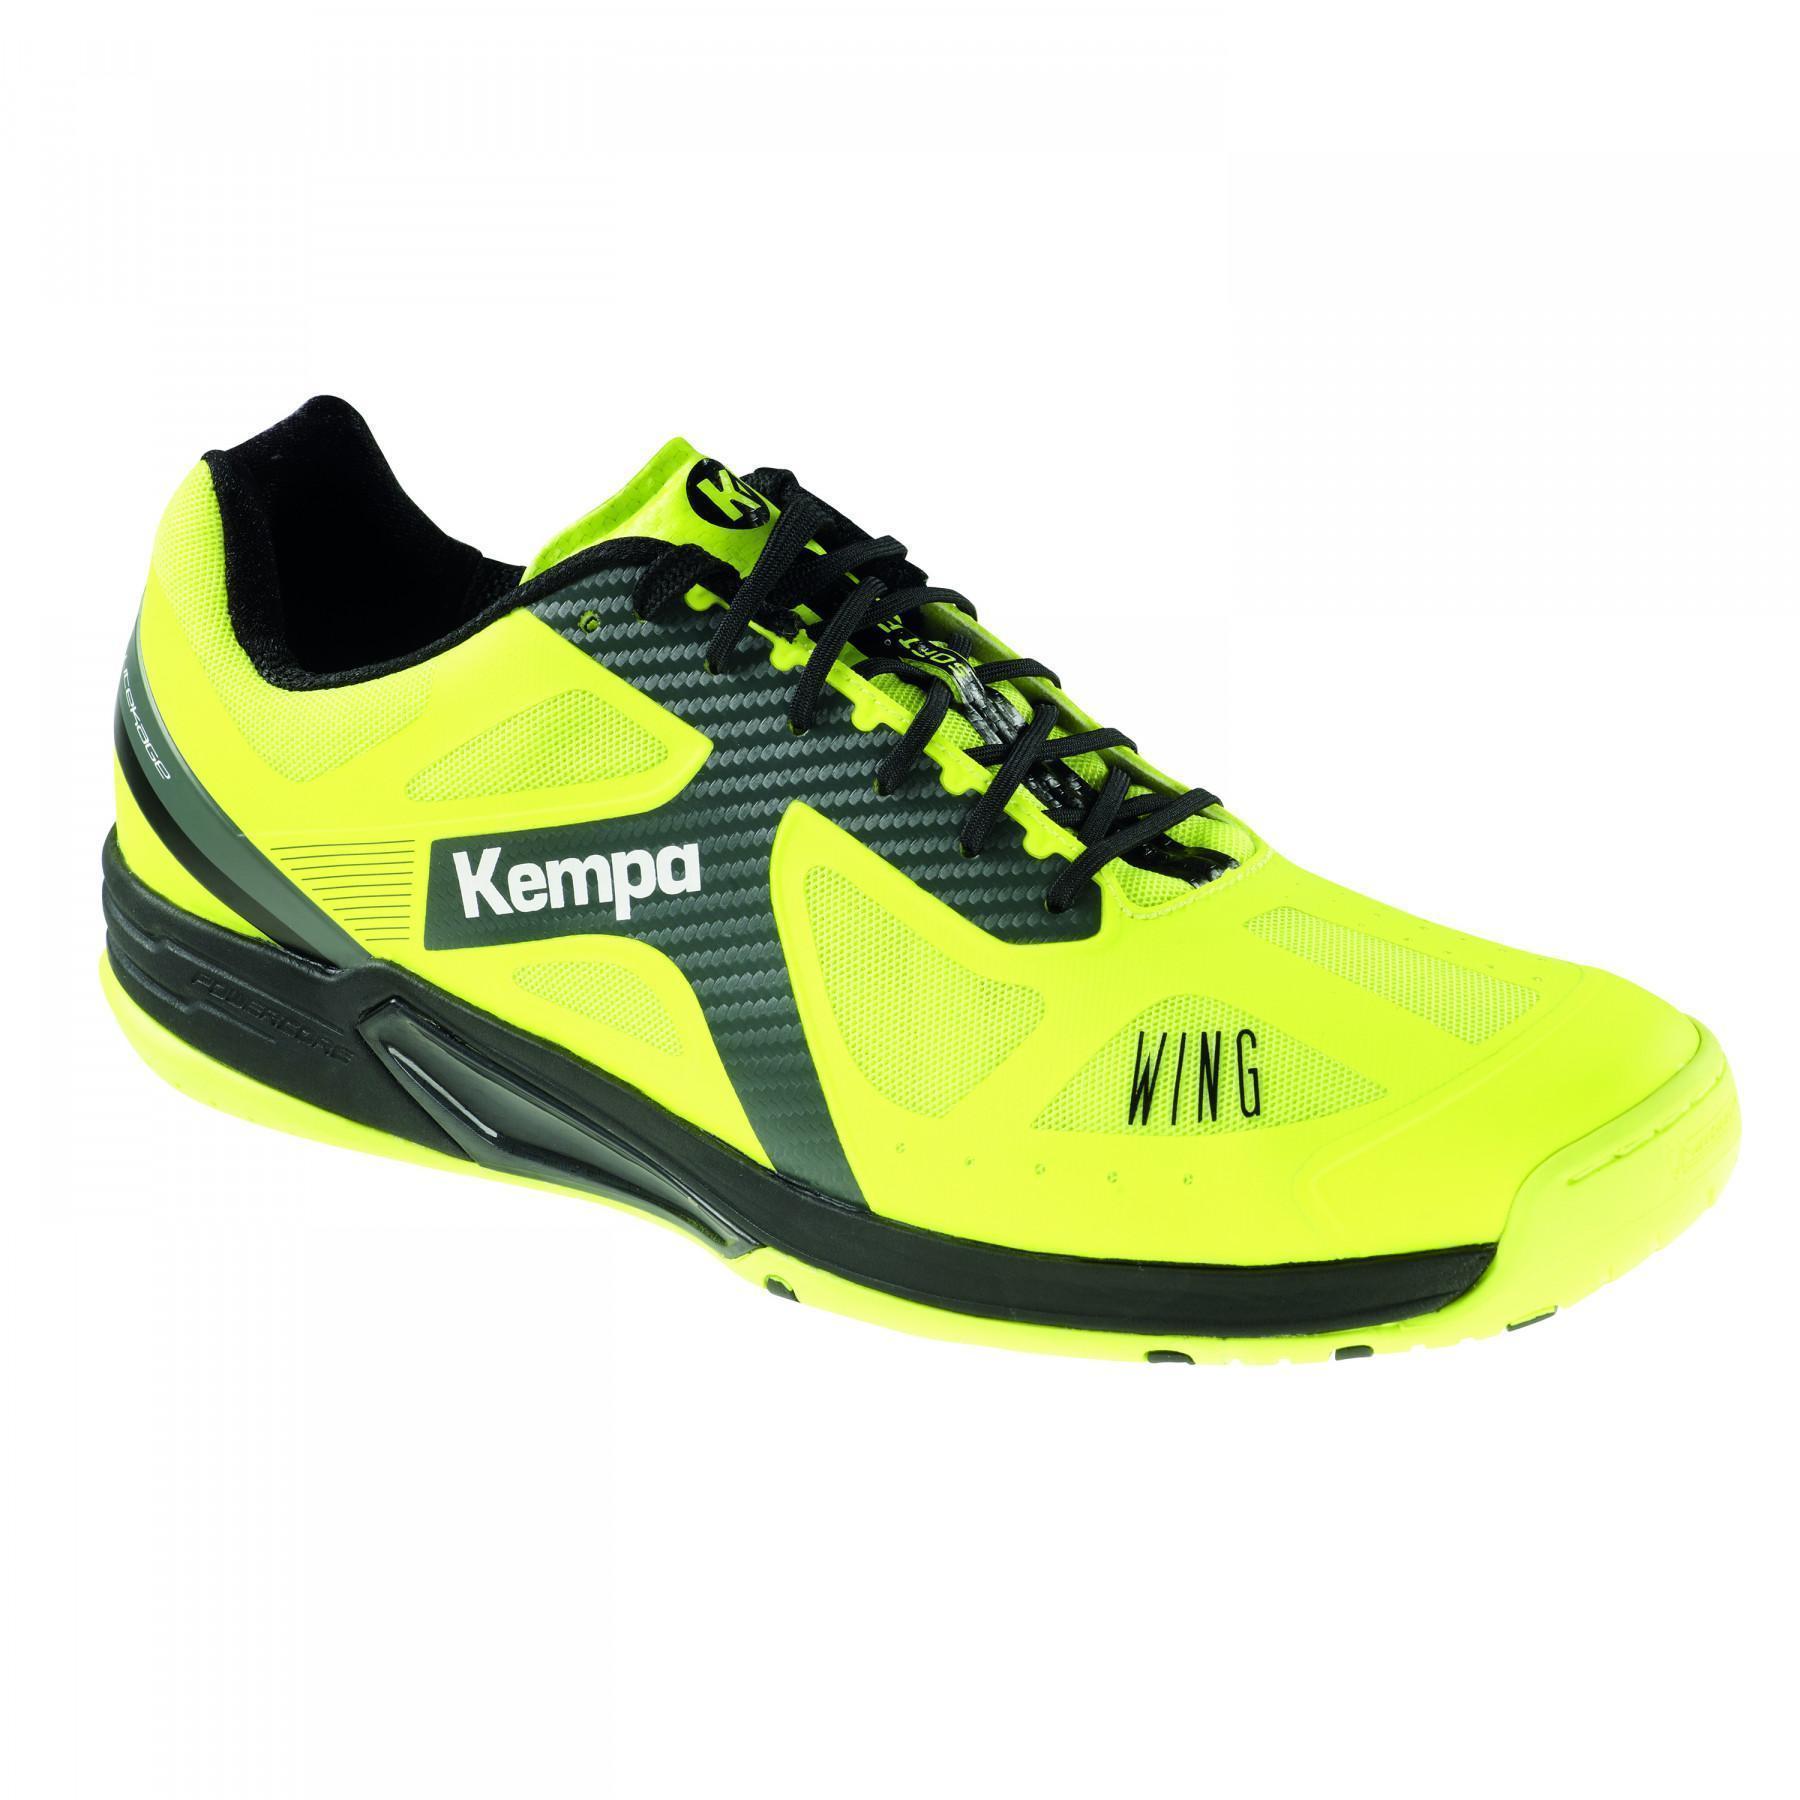 Kempa Wing Lite Deposit Shoes